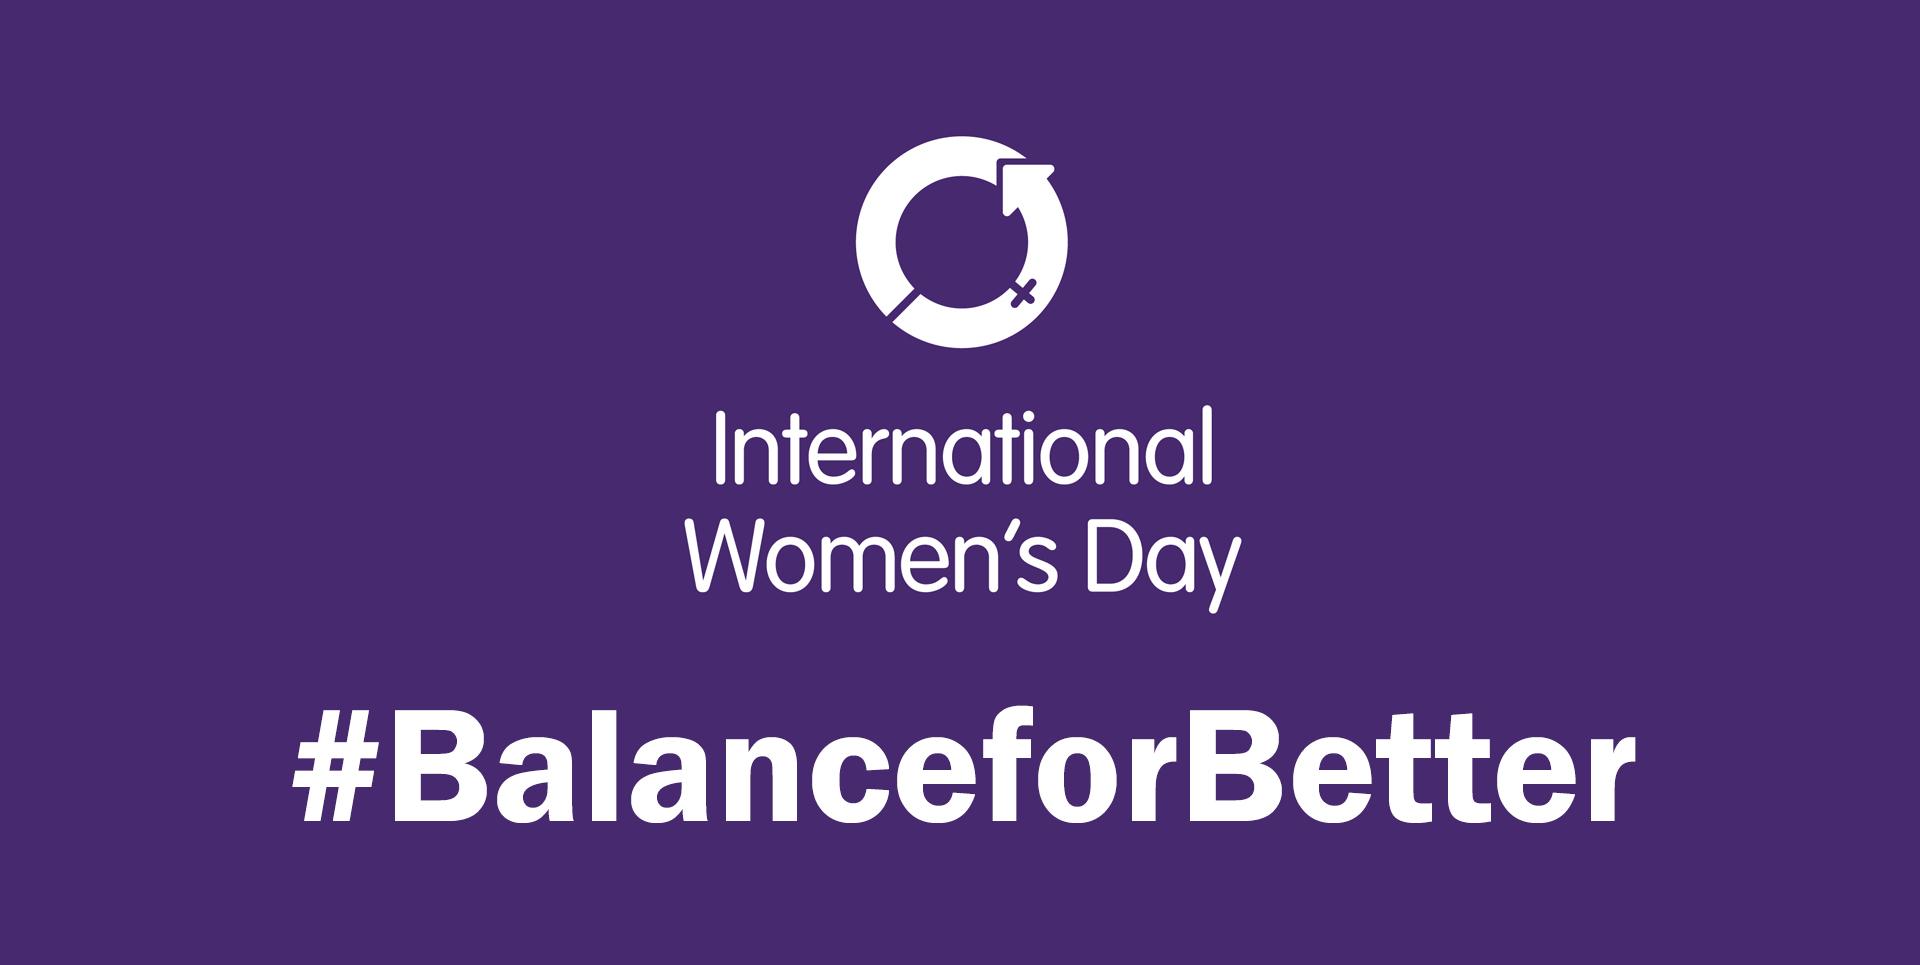 International Women's Day Balance For Better Q&A